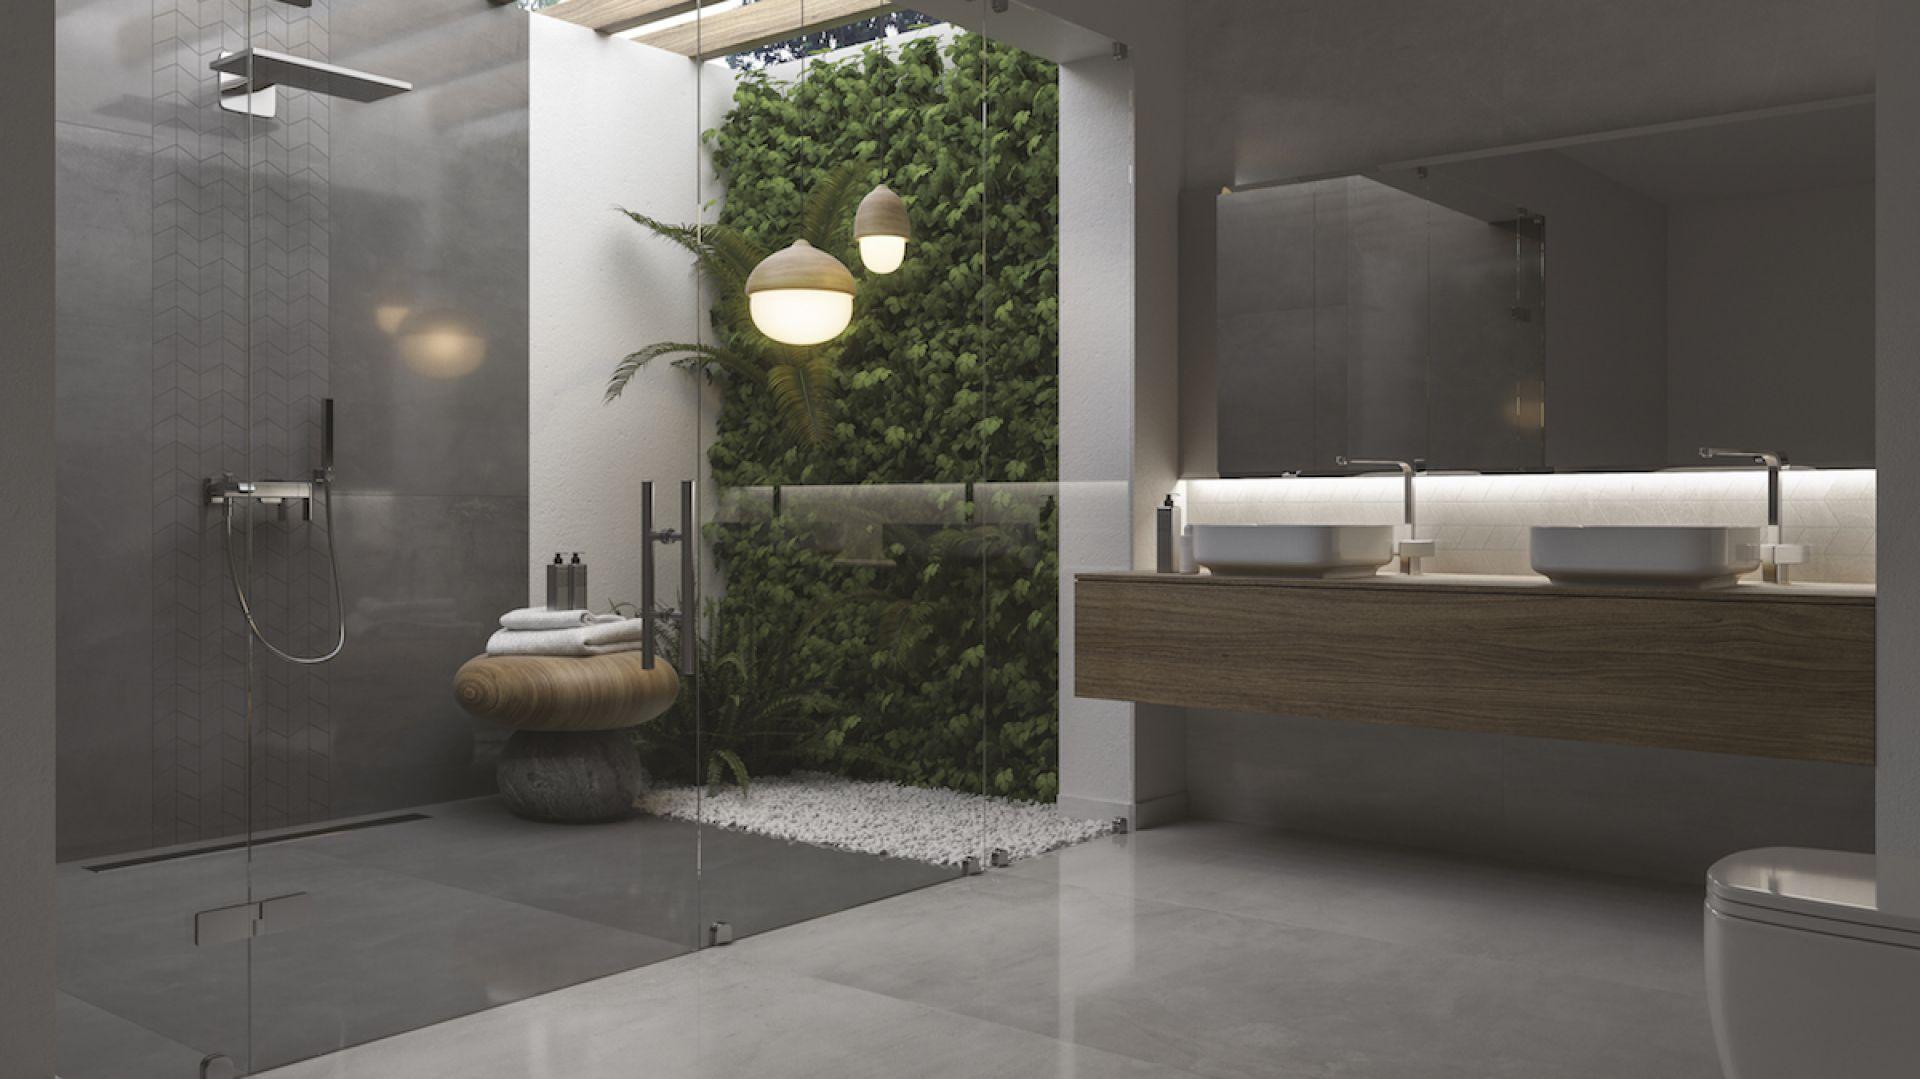 Modna łazienka Płytki W Ciemnej Tonacji